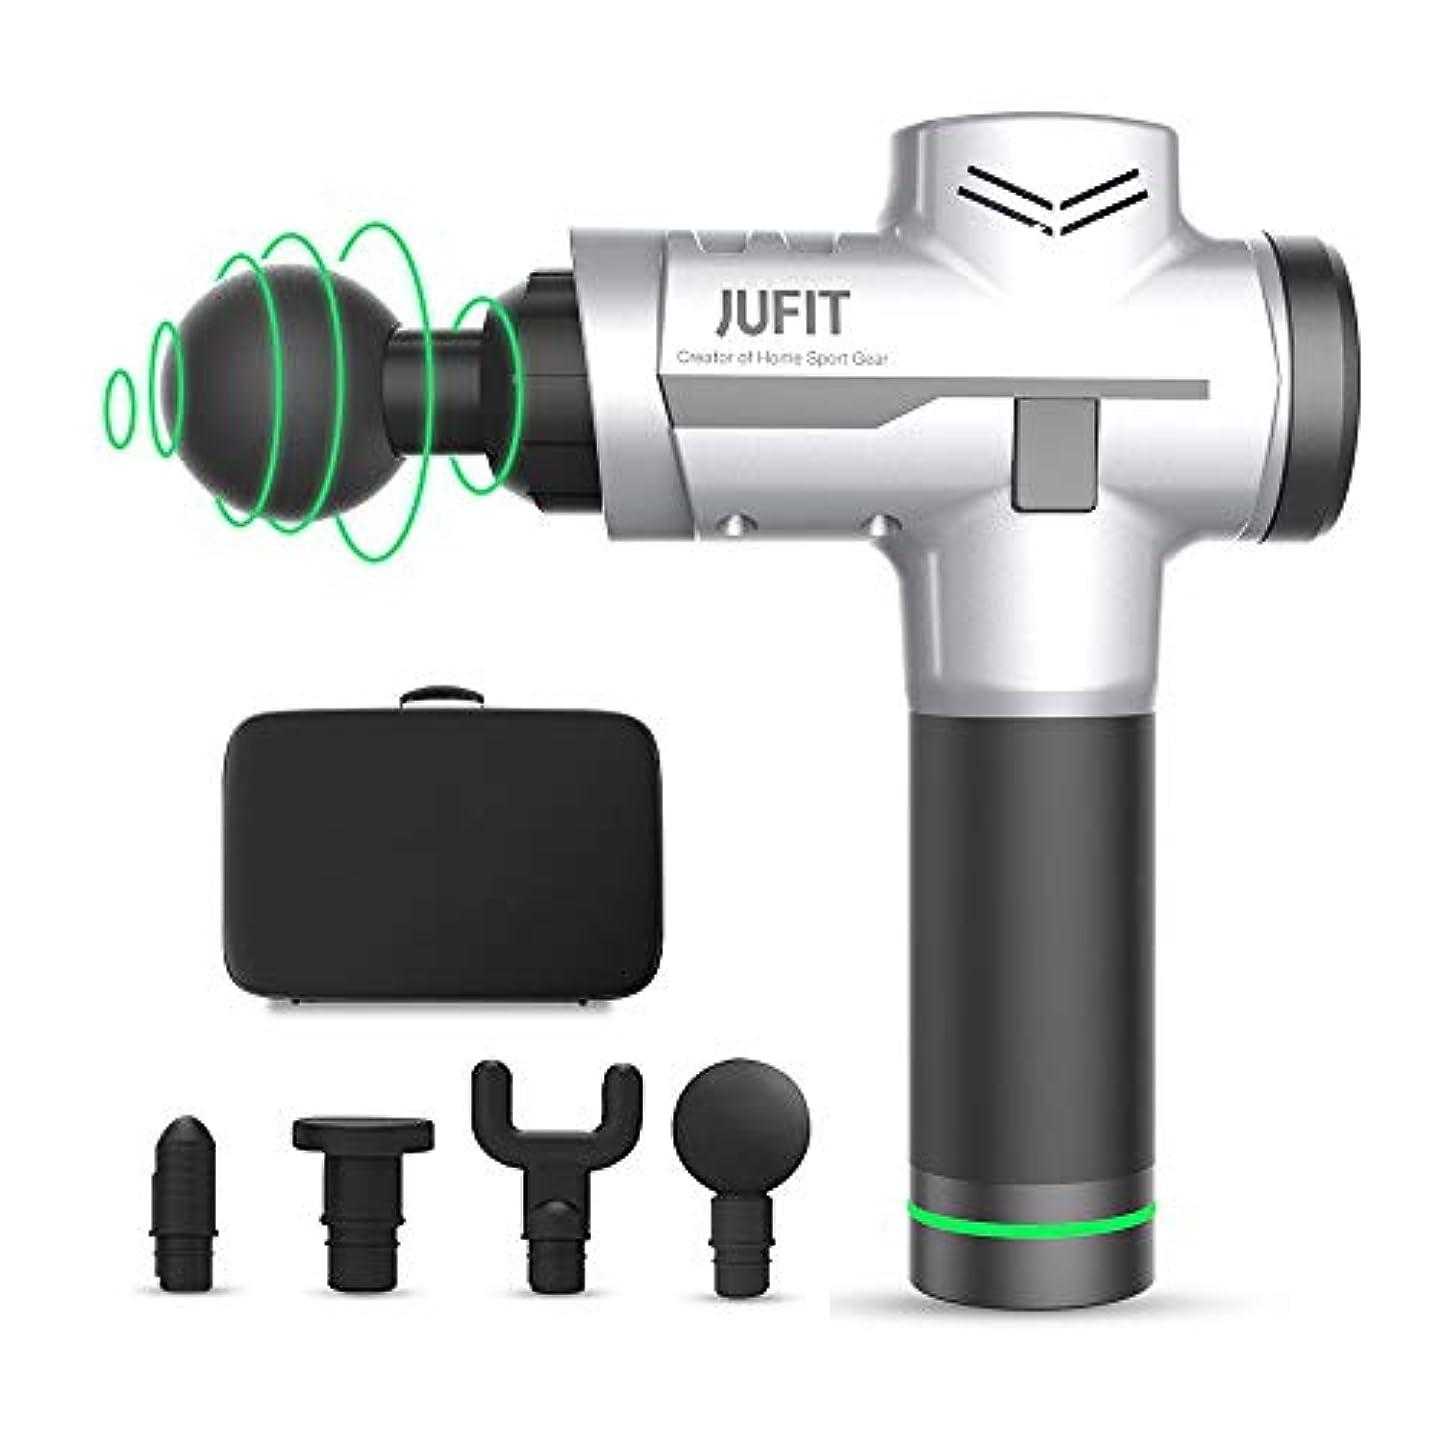 引き金悔い改め乱気流JUFIT Fascia Massage Gun/Muscle Massage Gun with 6 Speed Levels and 4 Replaceable Massager Heads Handheld Cordless...